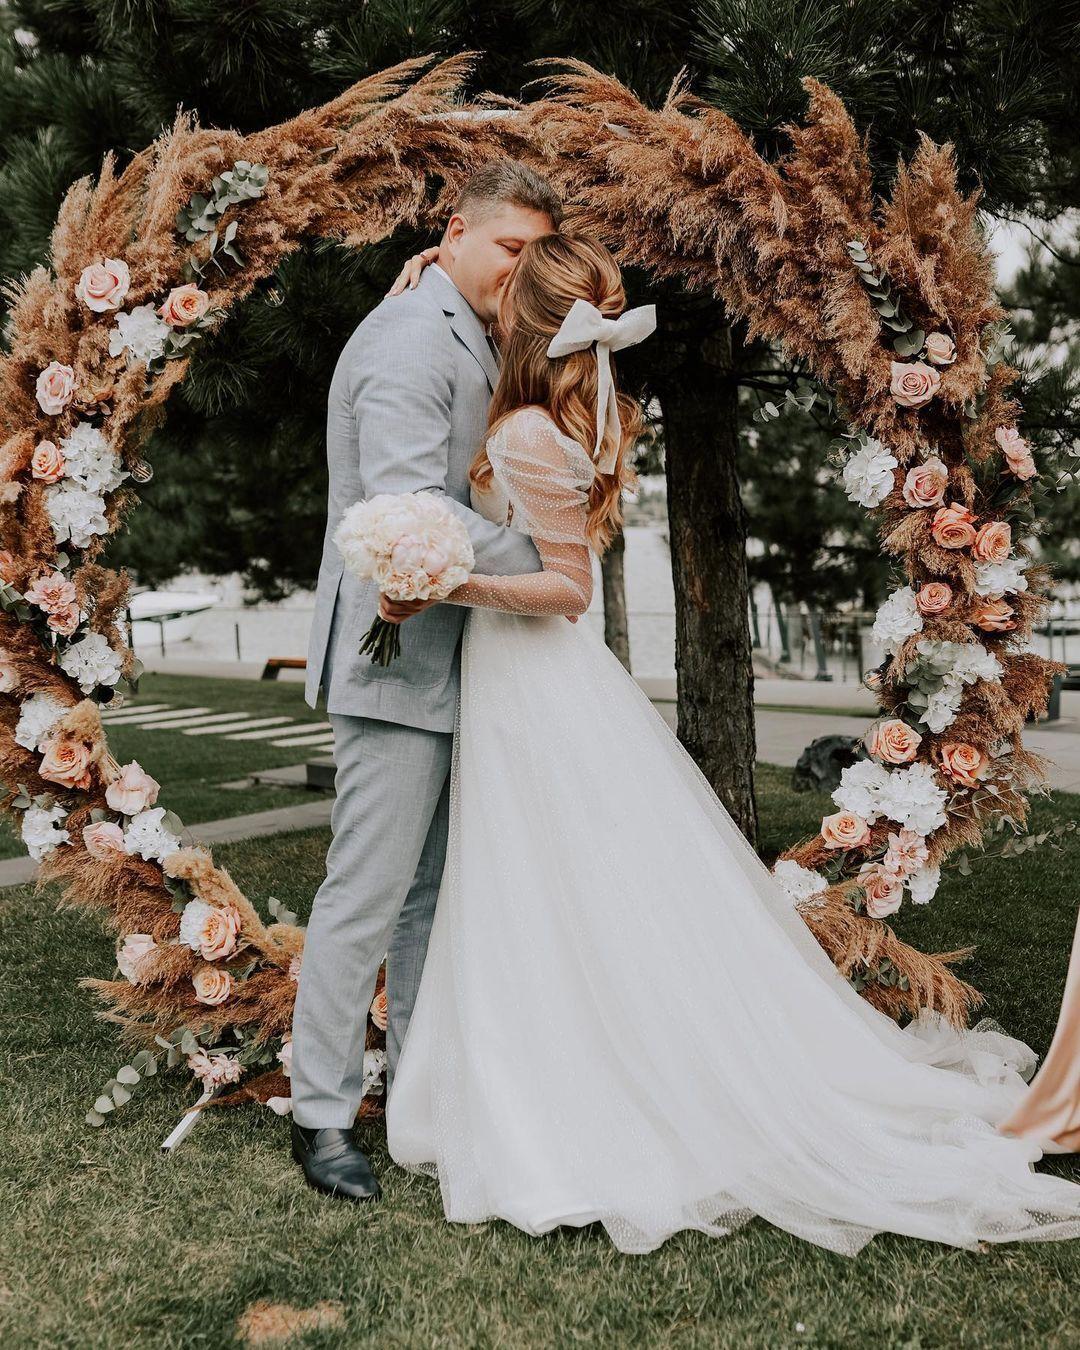 Зінченко і Соколюк показали фото з пишного весілля